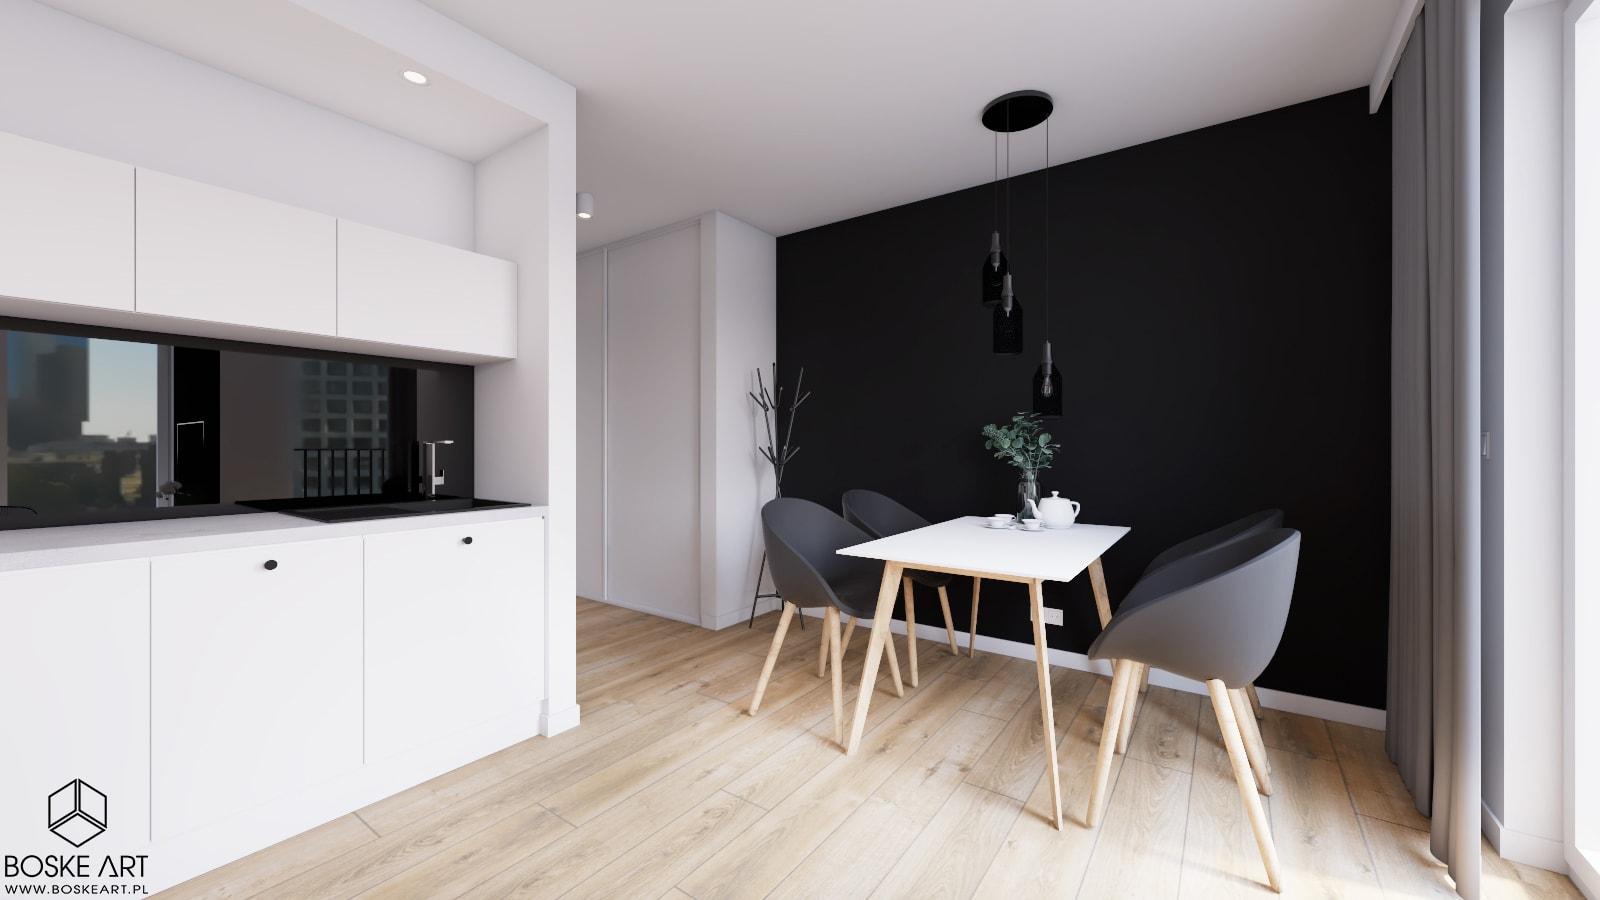 8_projekt_apartamentu_kawalerki_poznan_boske_art_projektowanie_wnetrz_aranzacja_natalia_robaszkiewicz-min